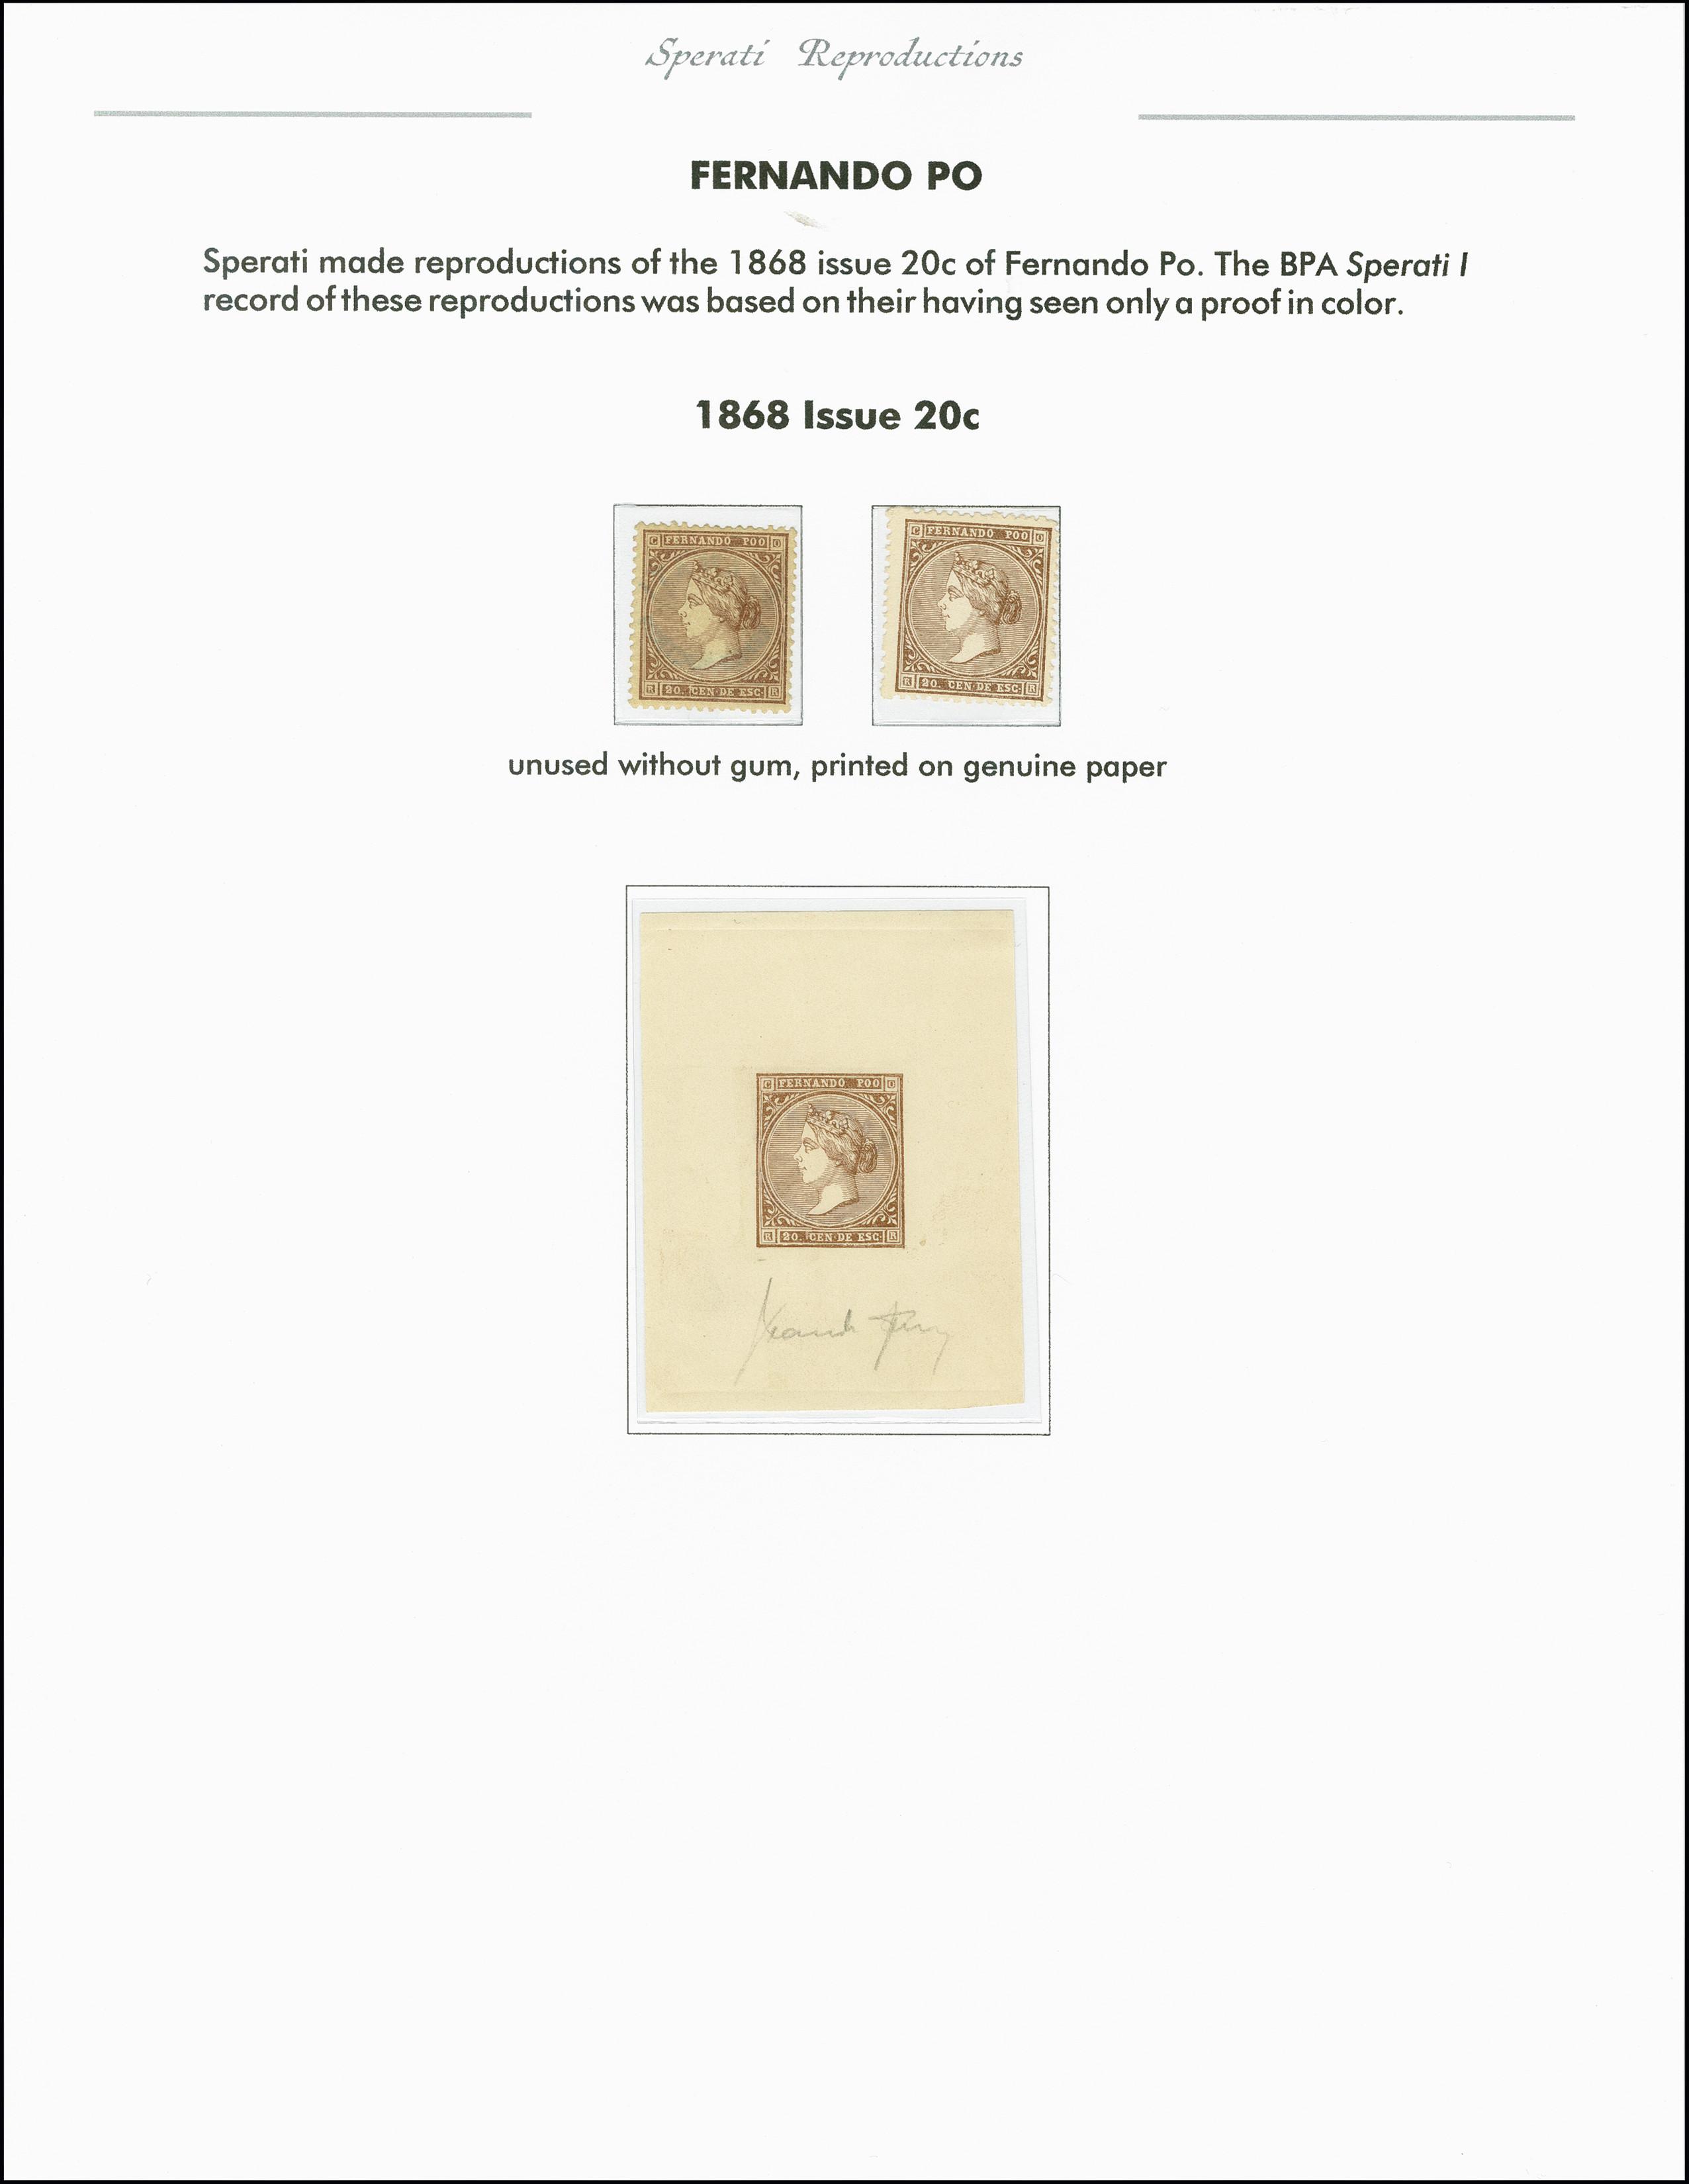 Lot 2215 - spanische kolonien Fernando Poo -  Heinrich Koehler Auktionen 375rd Heinrich Köhler auction - Day 1